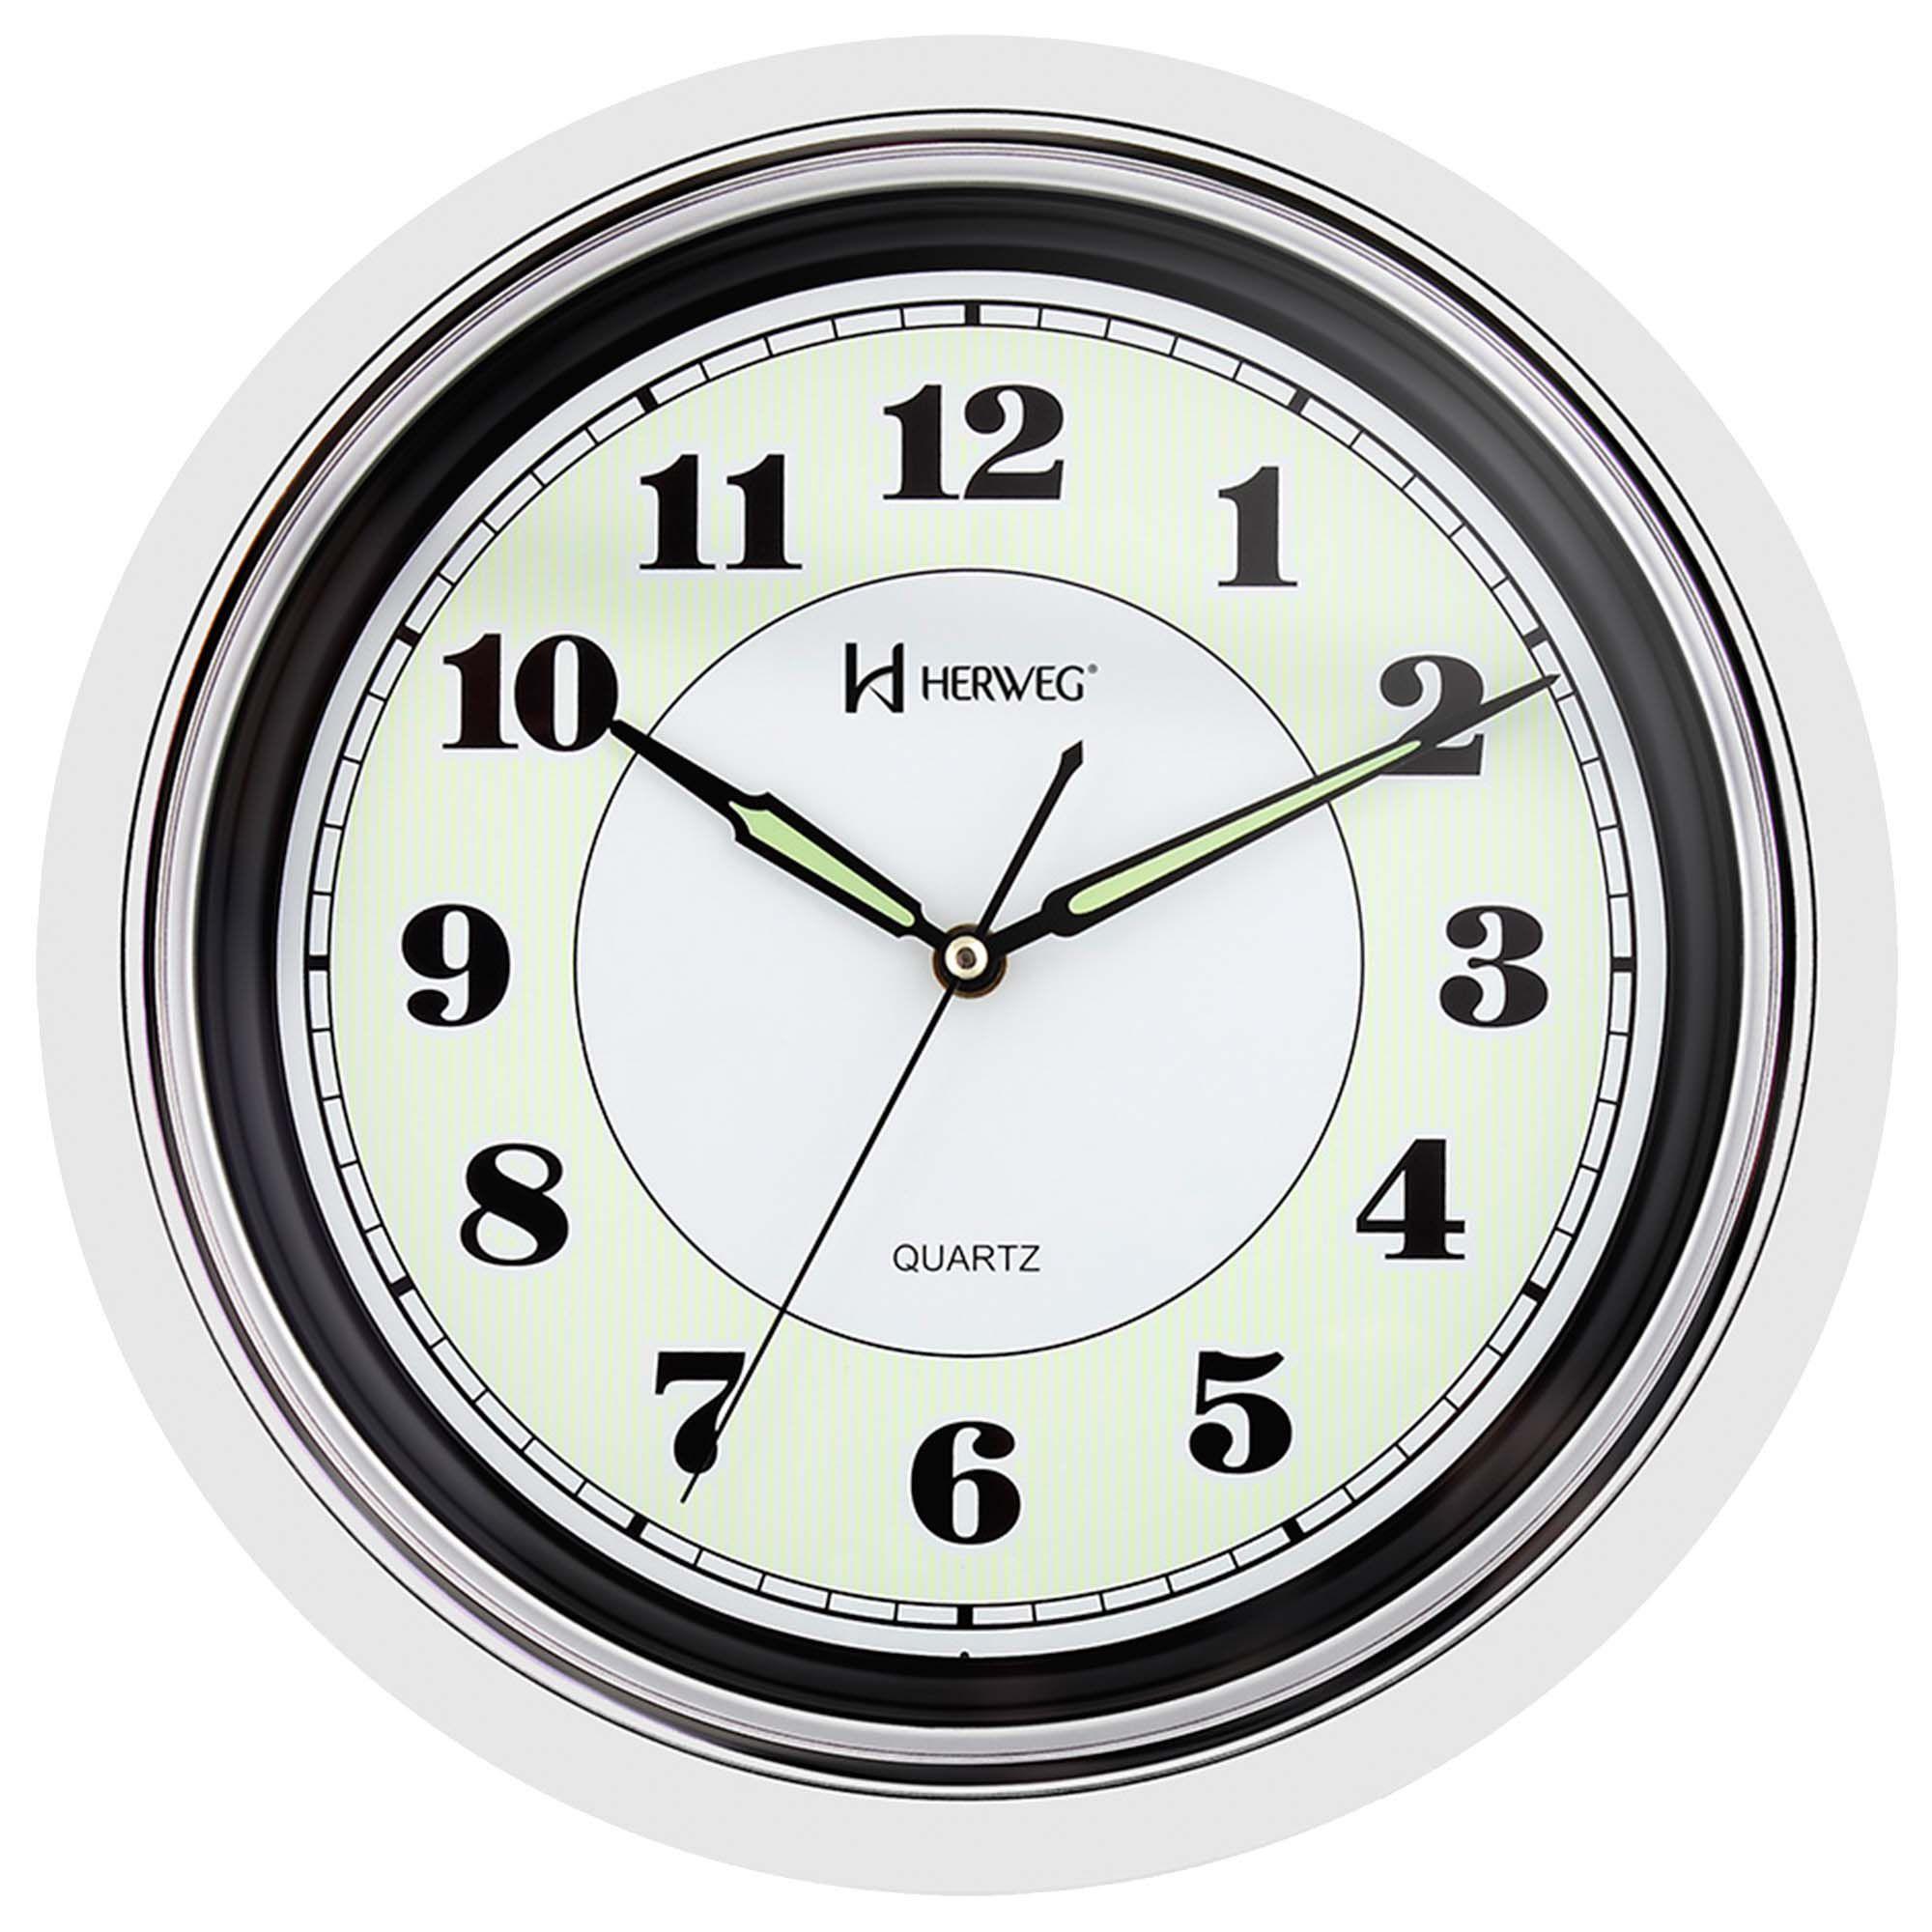 Relógio de Parede Analógico Herweg 6313 021 Branco